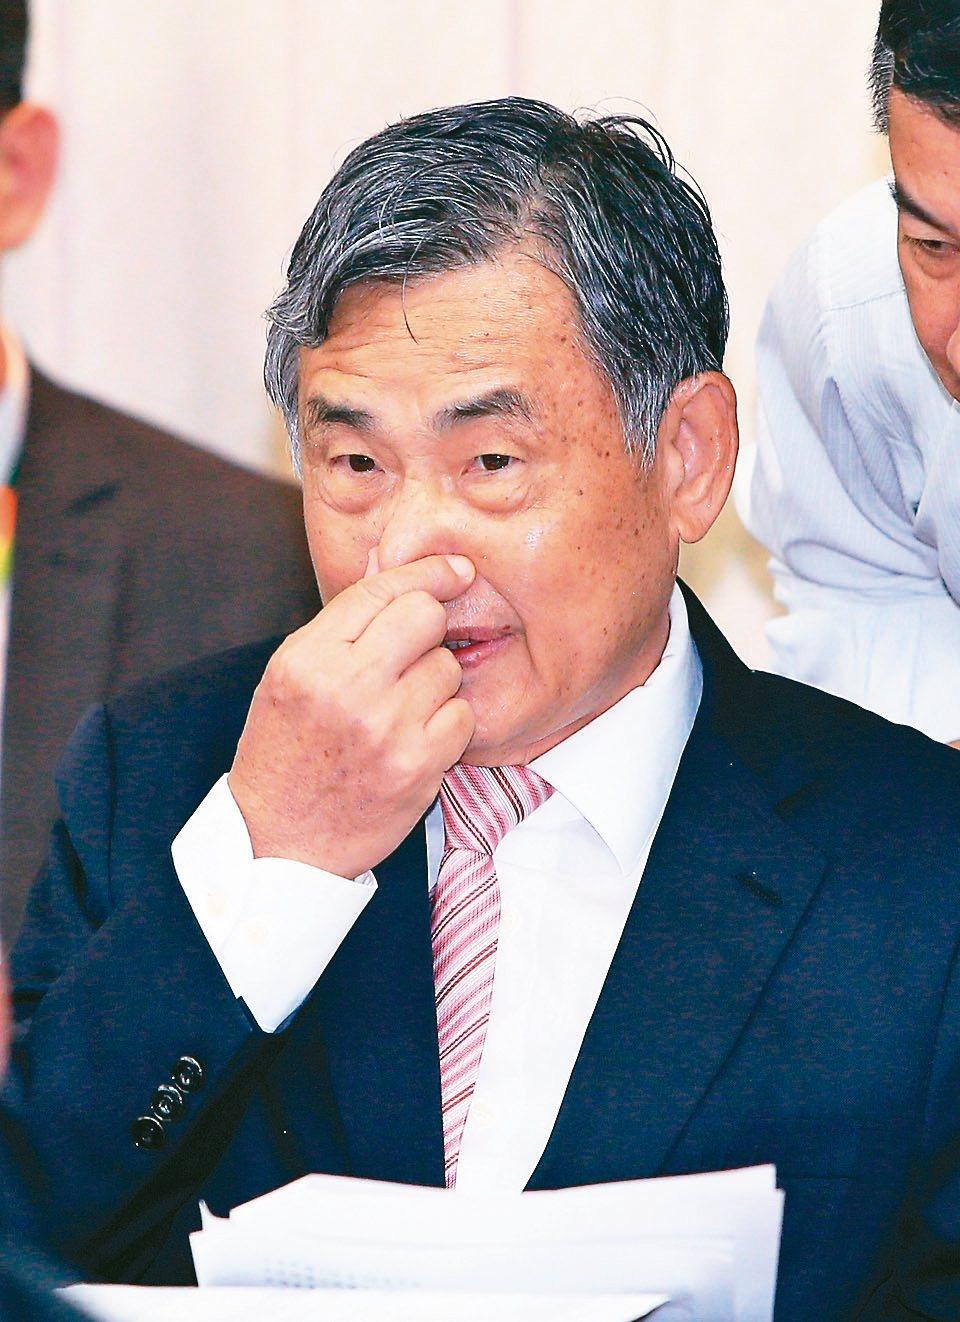 台灣港務公司董事長吳宗榮請辭獲准。 記者潘俊宏/攝影